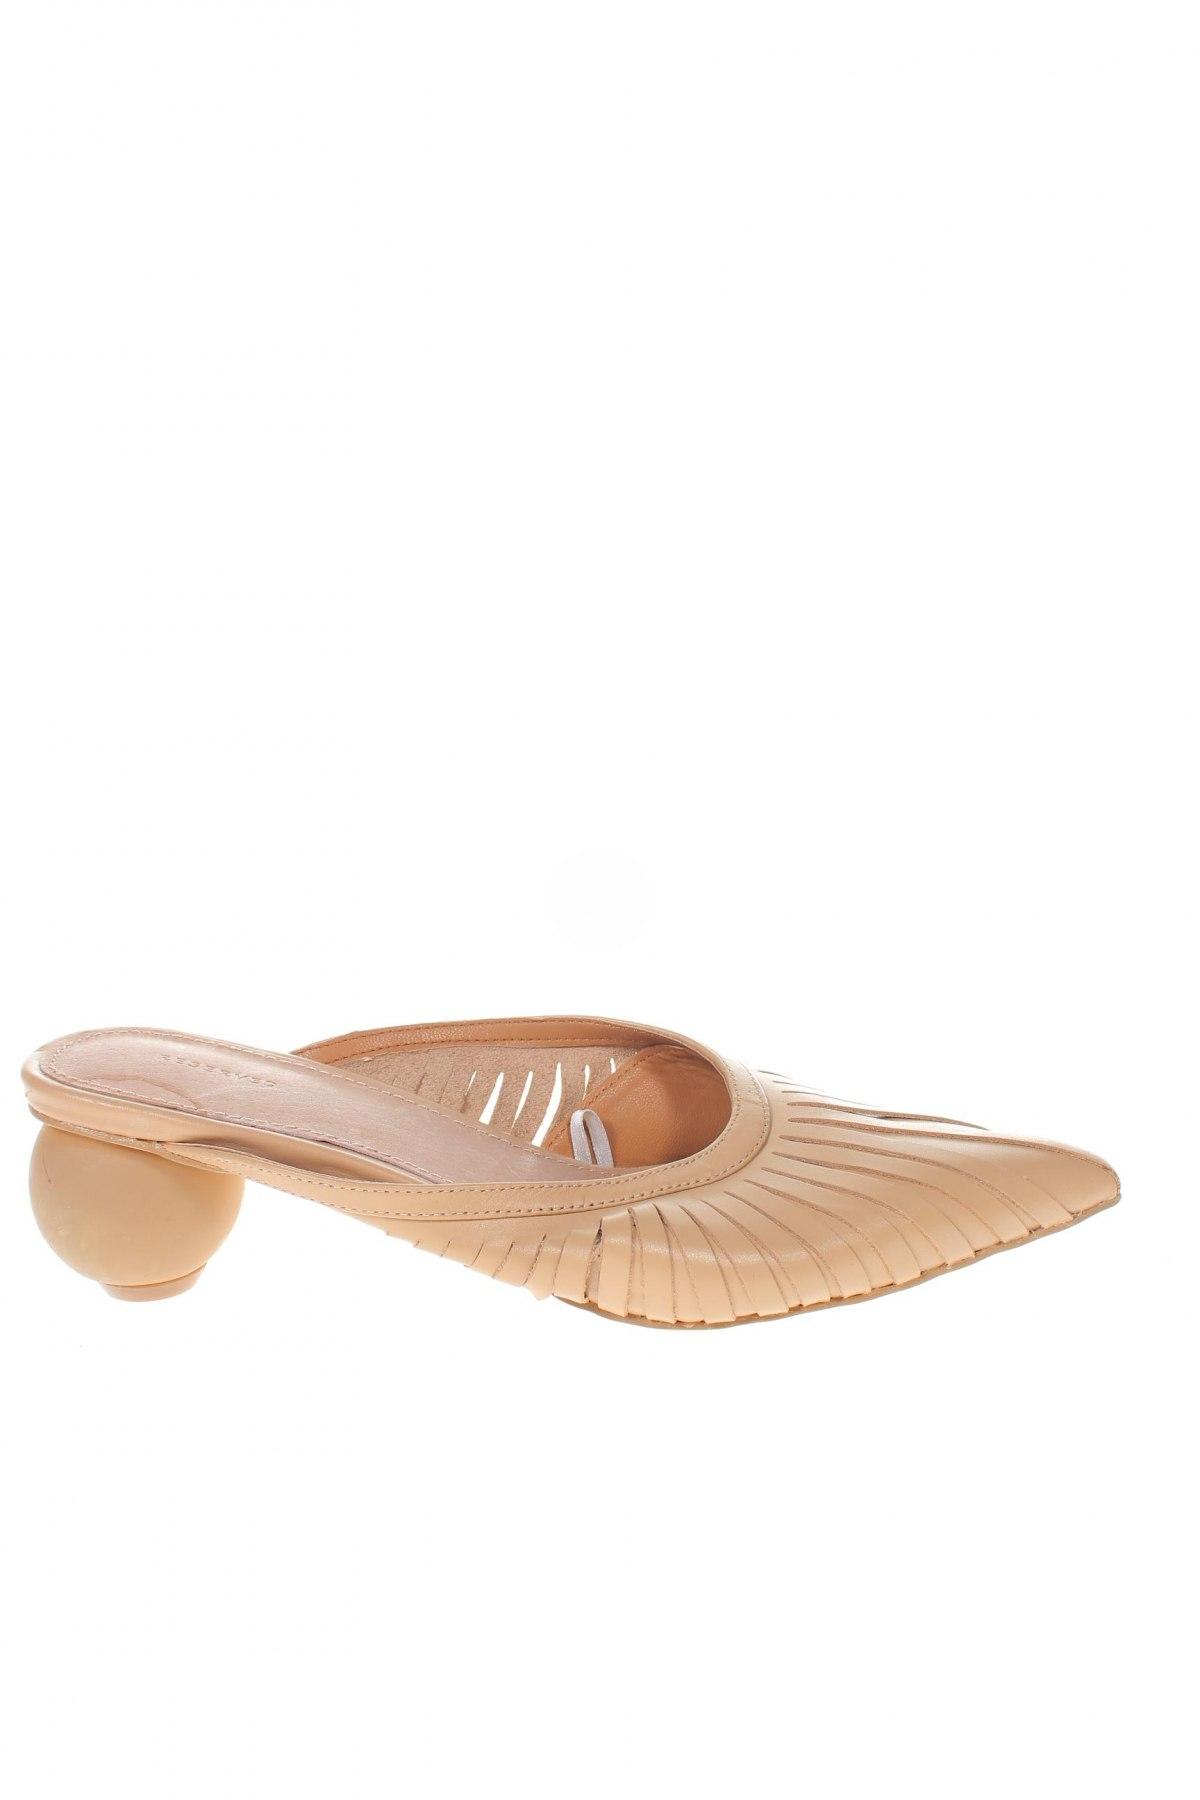 Γυναικείες παντόφλες Reserved, Μέγεθος 36, Χρώμα  Μπέζ, Γνήσιο δέρμα, Τιμή 18,85€